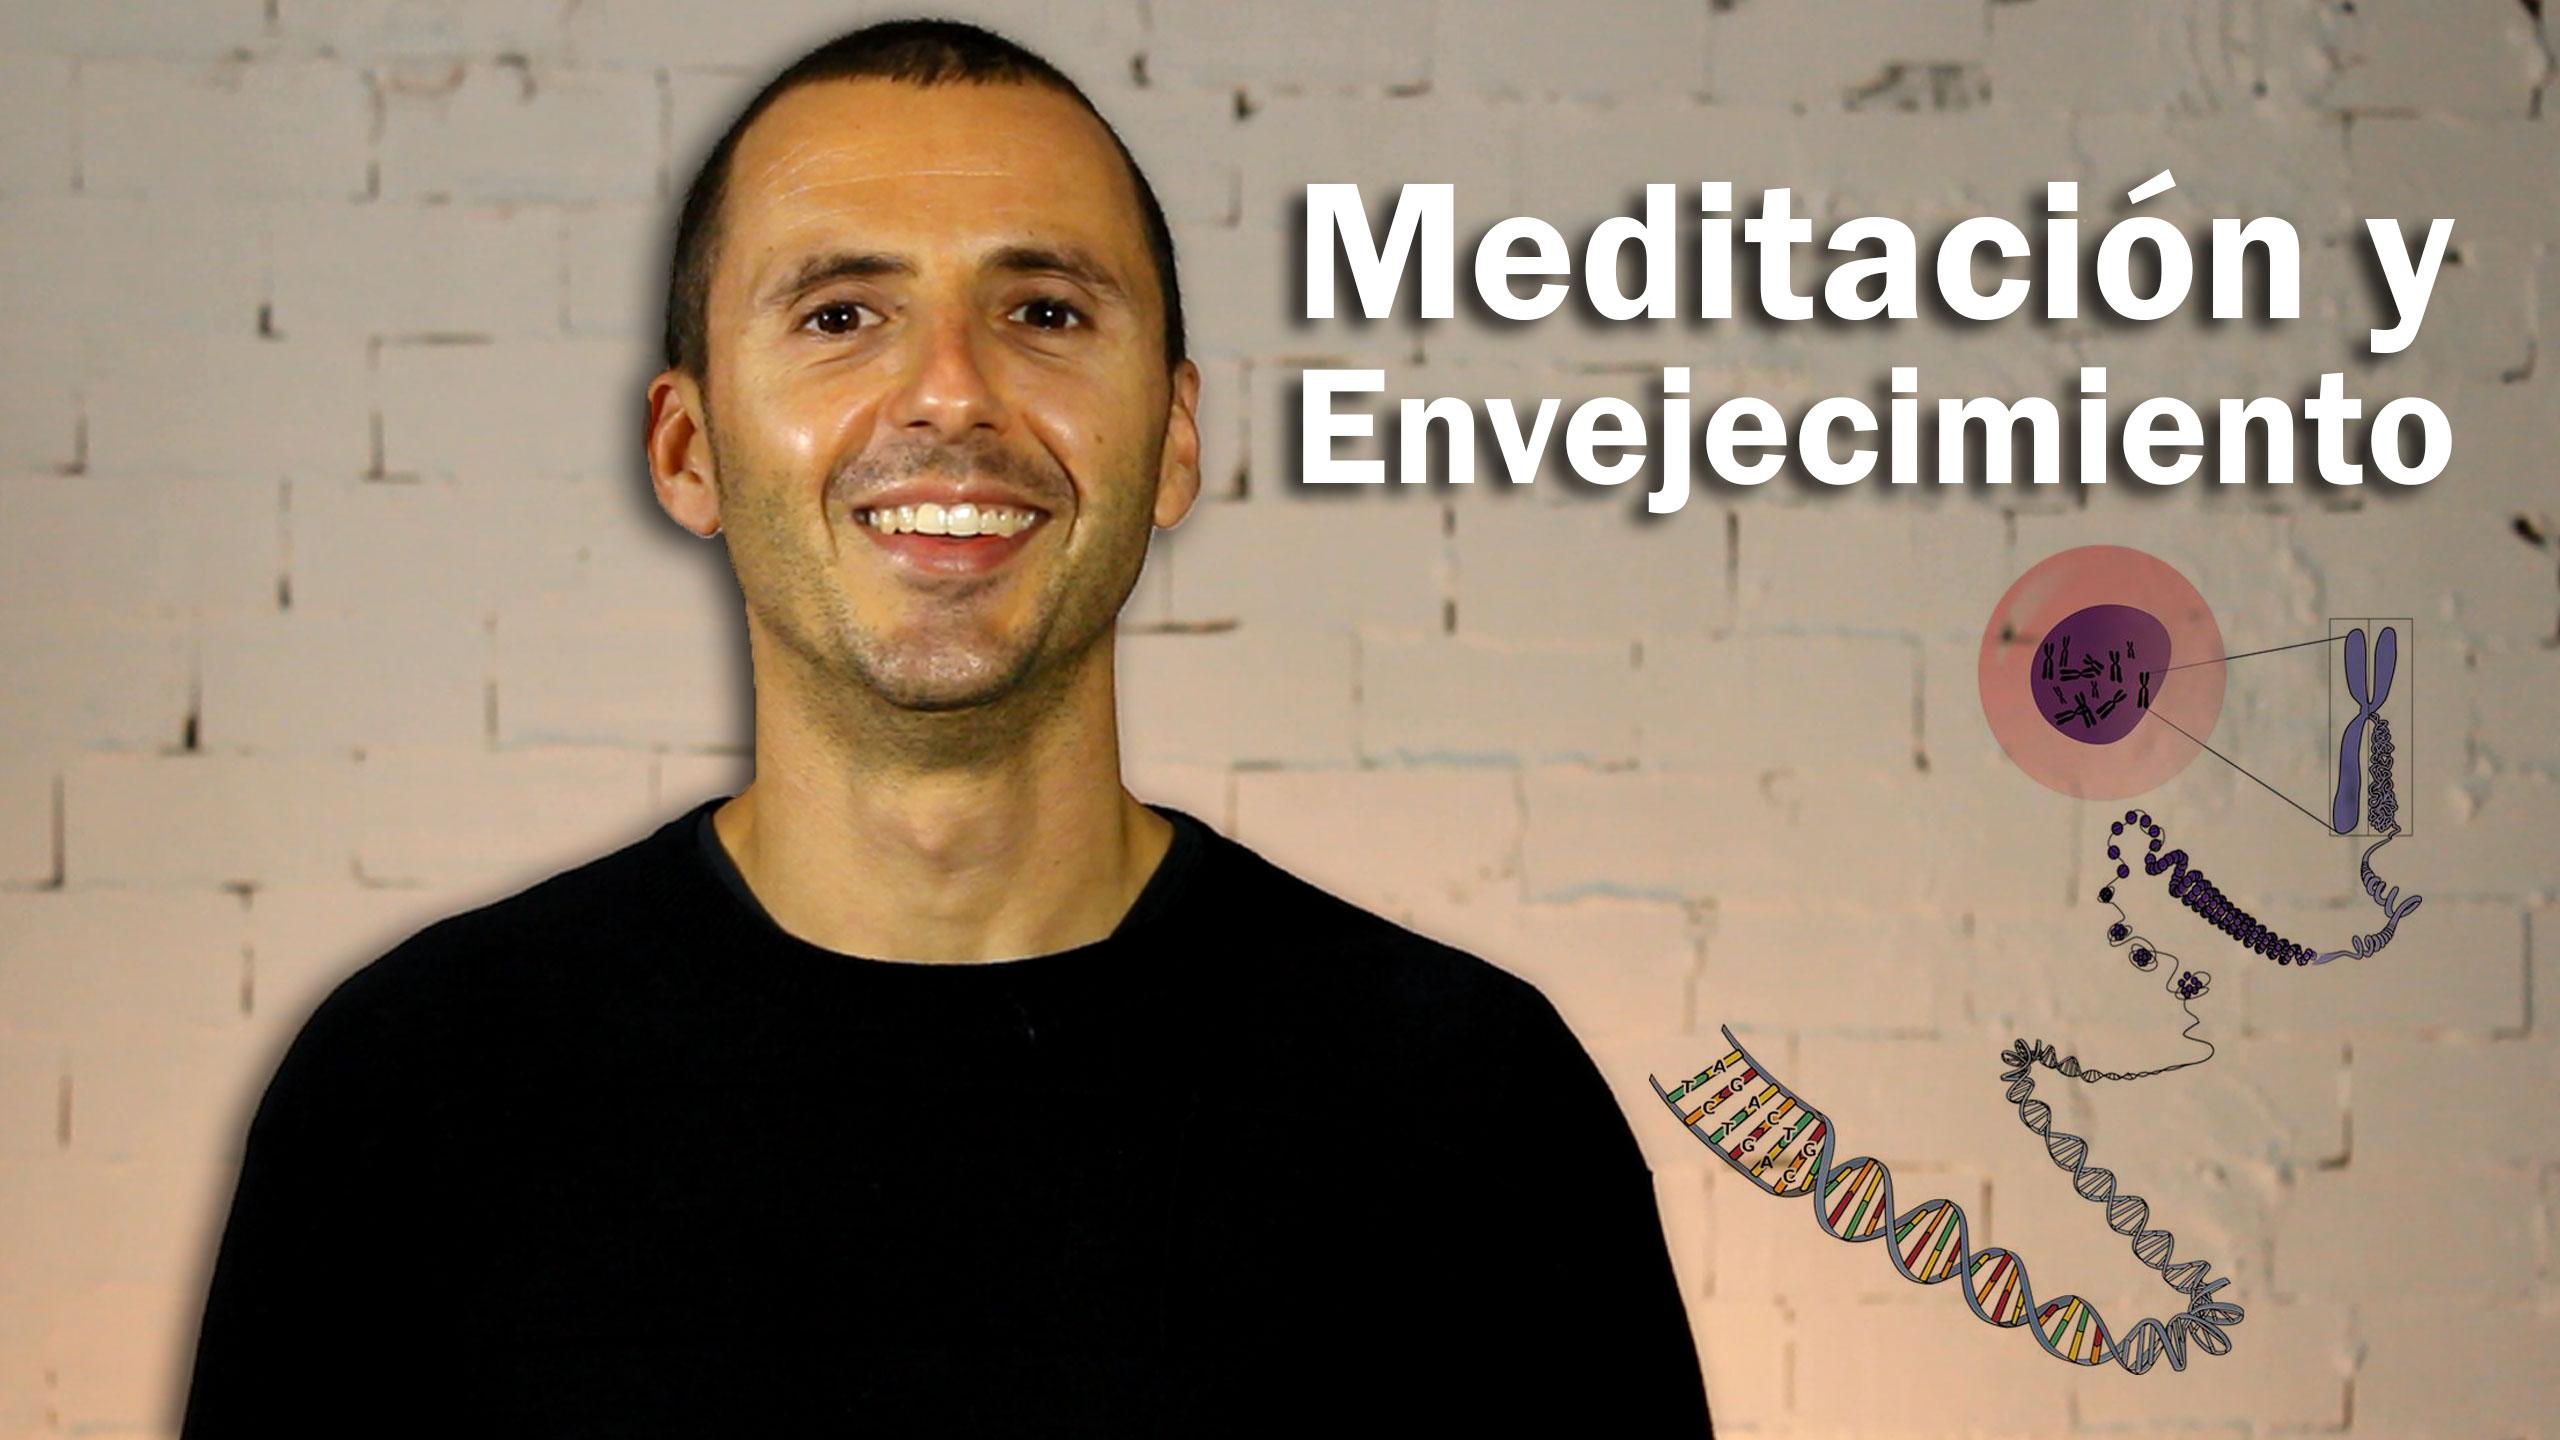 meditacion y envejecimiento